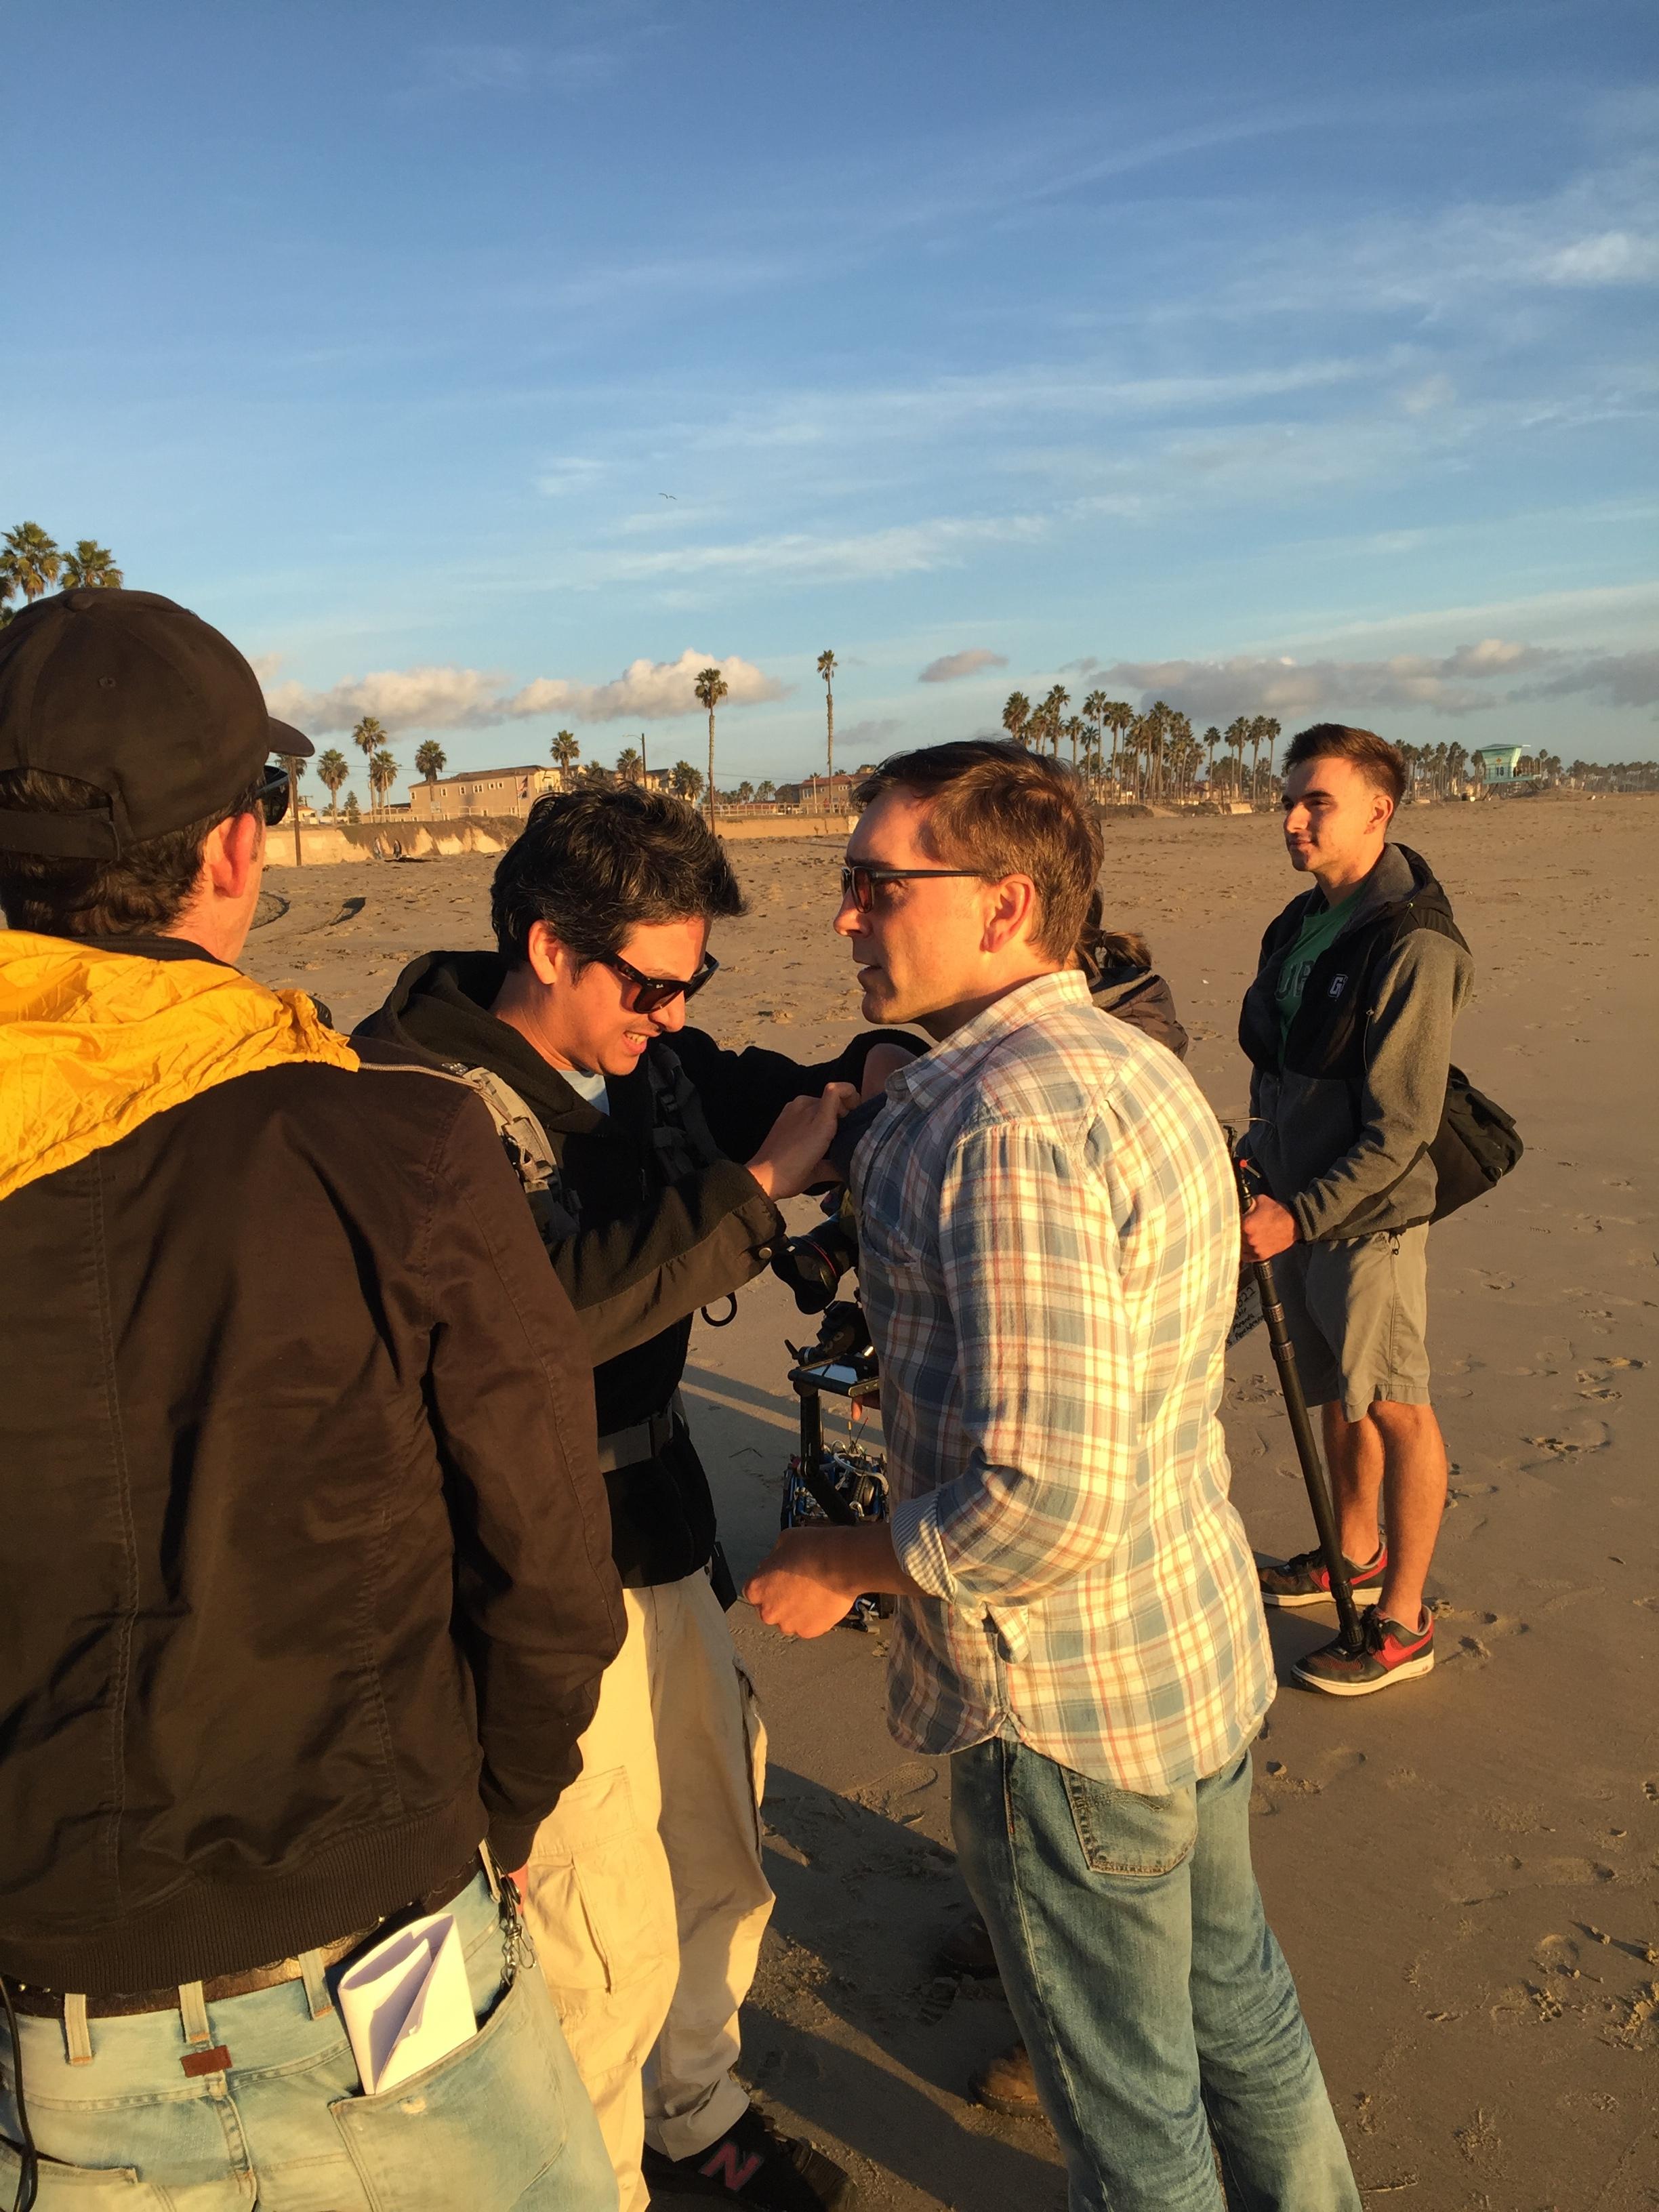 12/13/15 Sunset Beach Scene Scene. L to R: Monty Miranda (Dir.), Kevin Rosen-Quan (Sound), Scott Lowell, Ronnie Bourdeau II (A.C.)